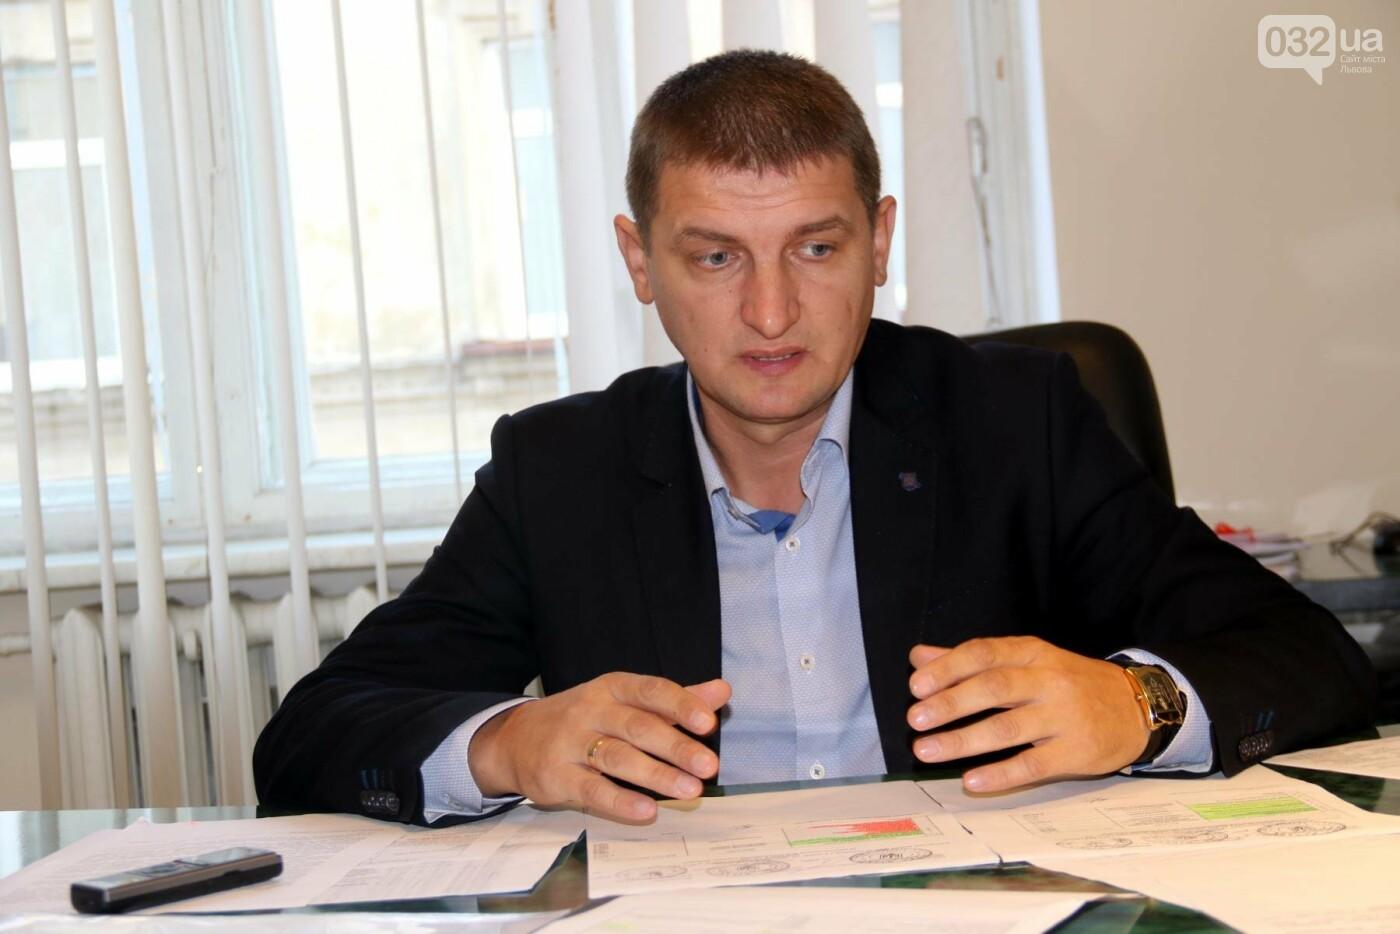 Всі фото: Назар Юськів/032.ua